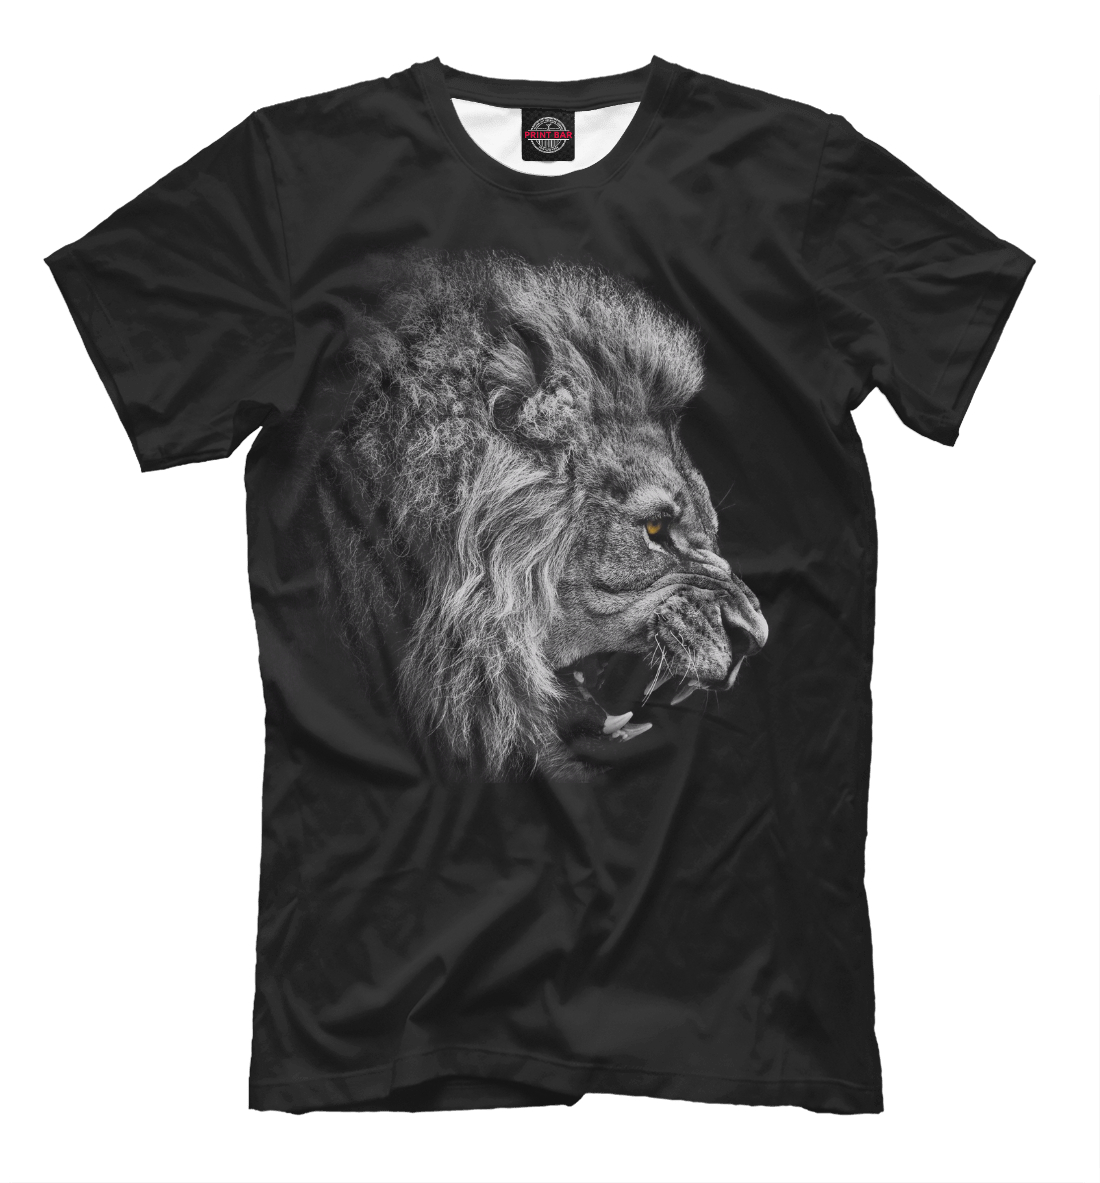 Купить Лев рычащий, Printbar, Футболки, HIS-101622-fut-2